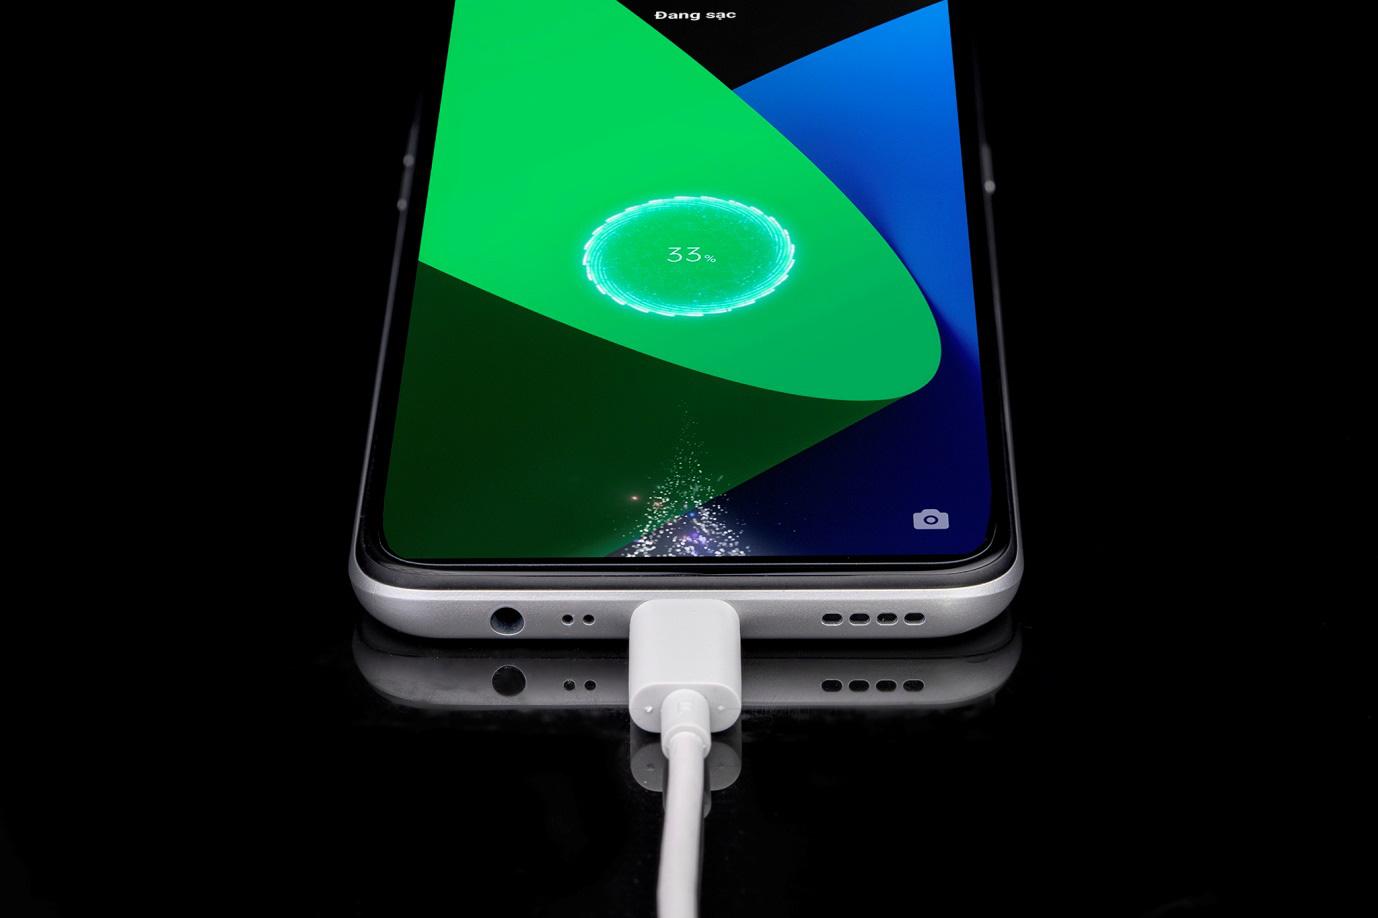 Realme 6i - gaming phone giá hấp dẫn với hiệu năng ấn tượng - Ảnh 3.